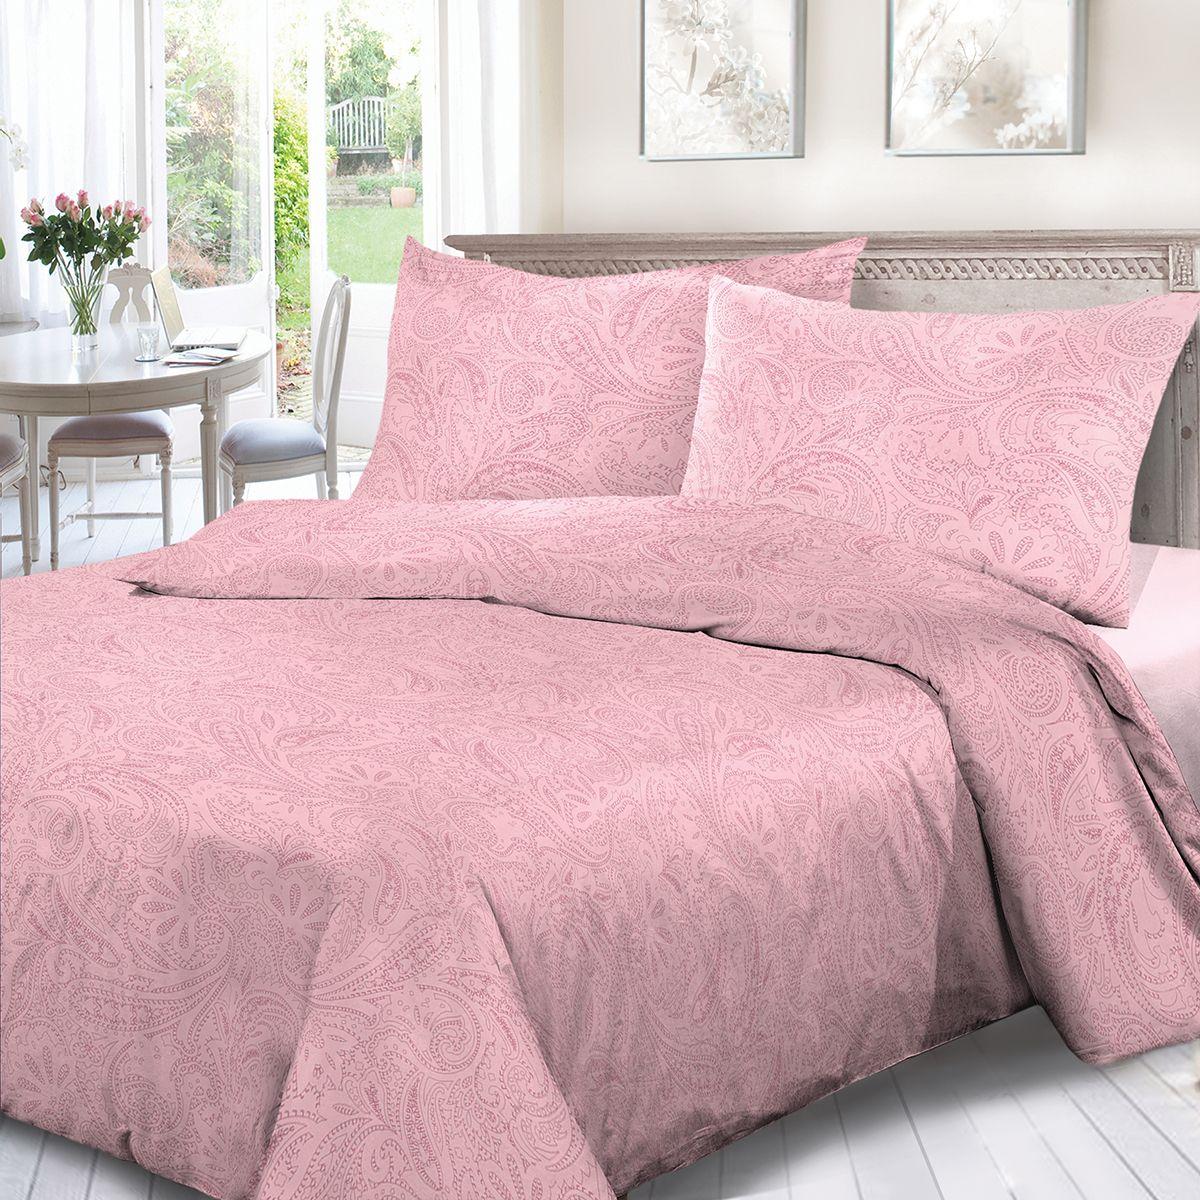 Комплект белья Сорренто Ариэль, 1,5 спальное, наволочки 70x70, цвет: розовый. 4114-189098